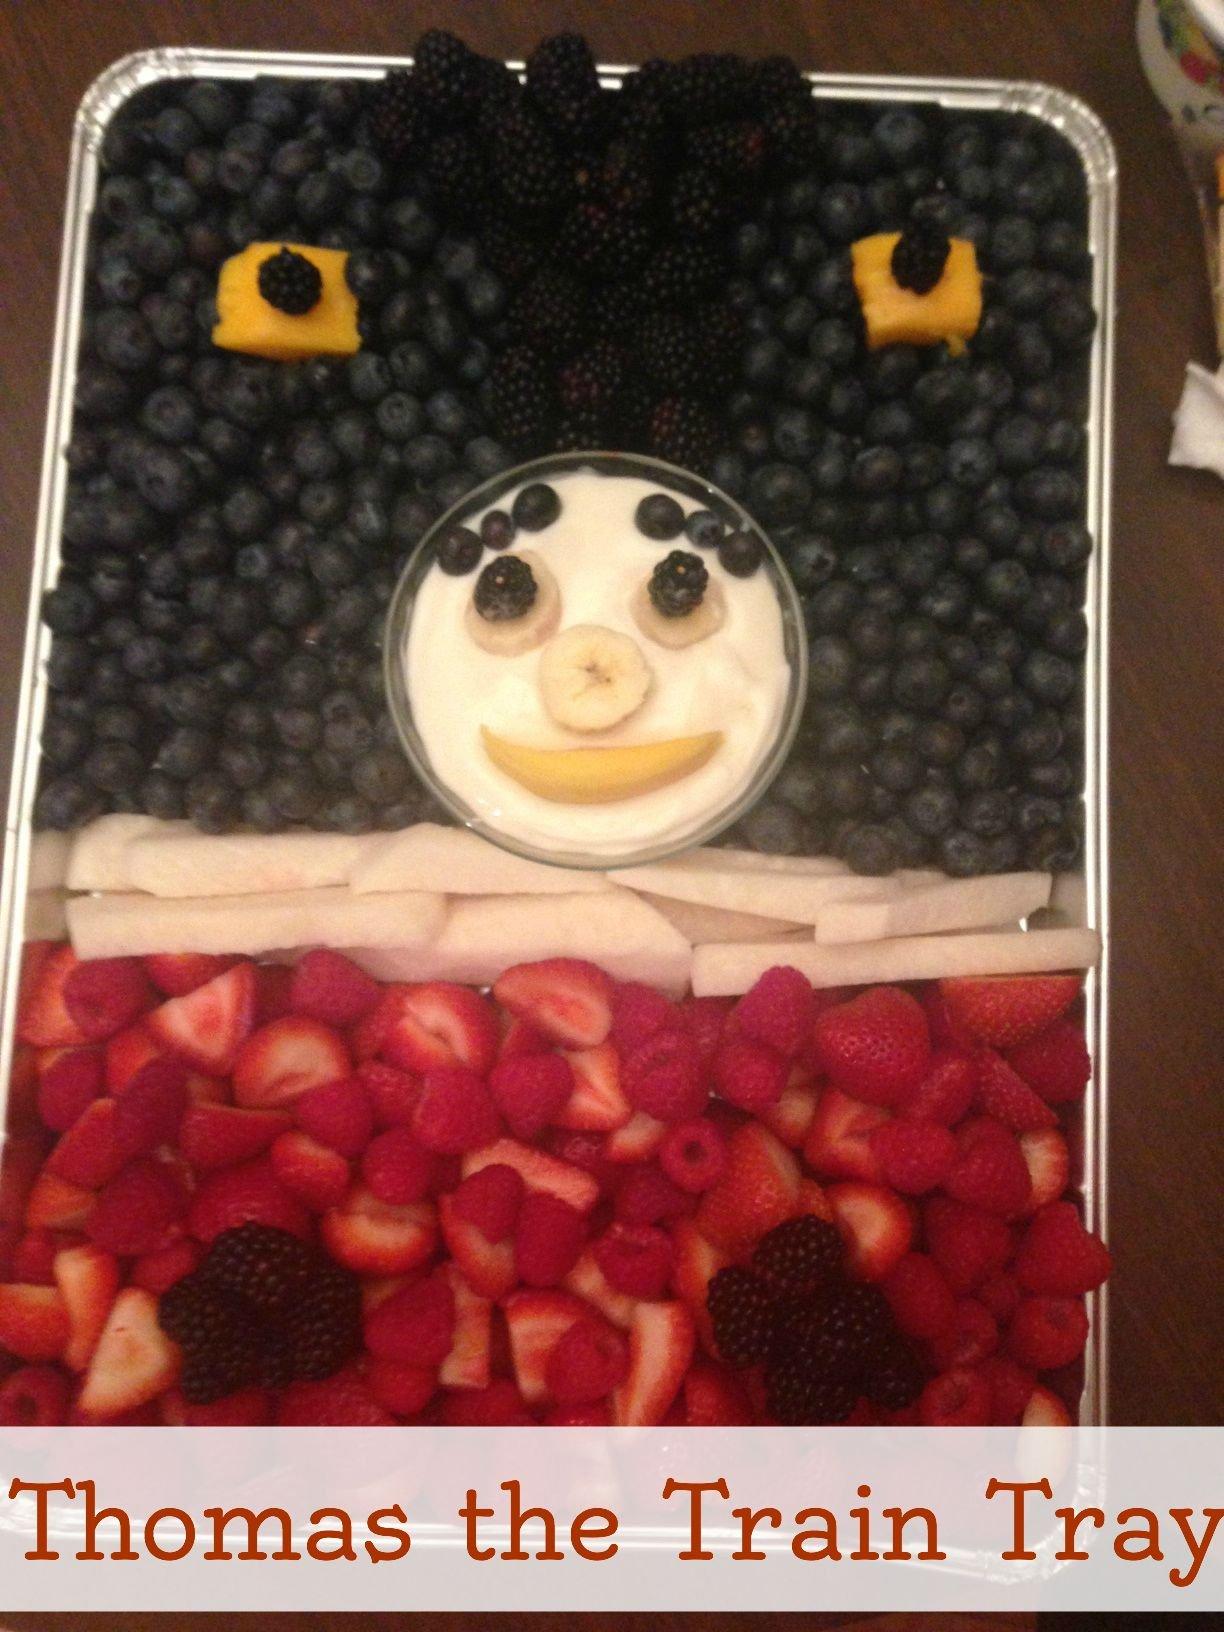 Thomas the Train Fruit Tray